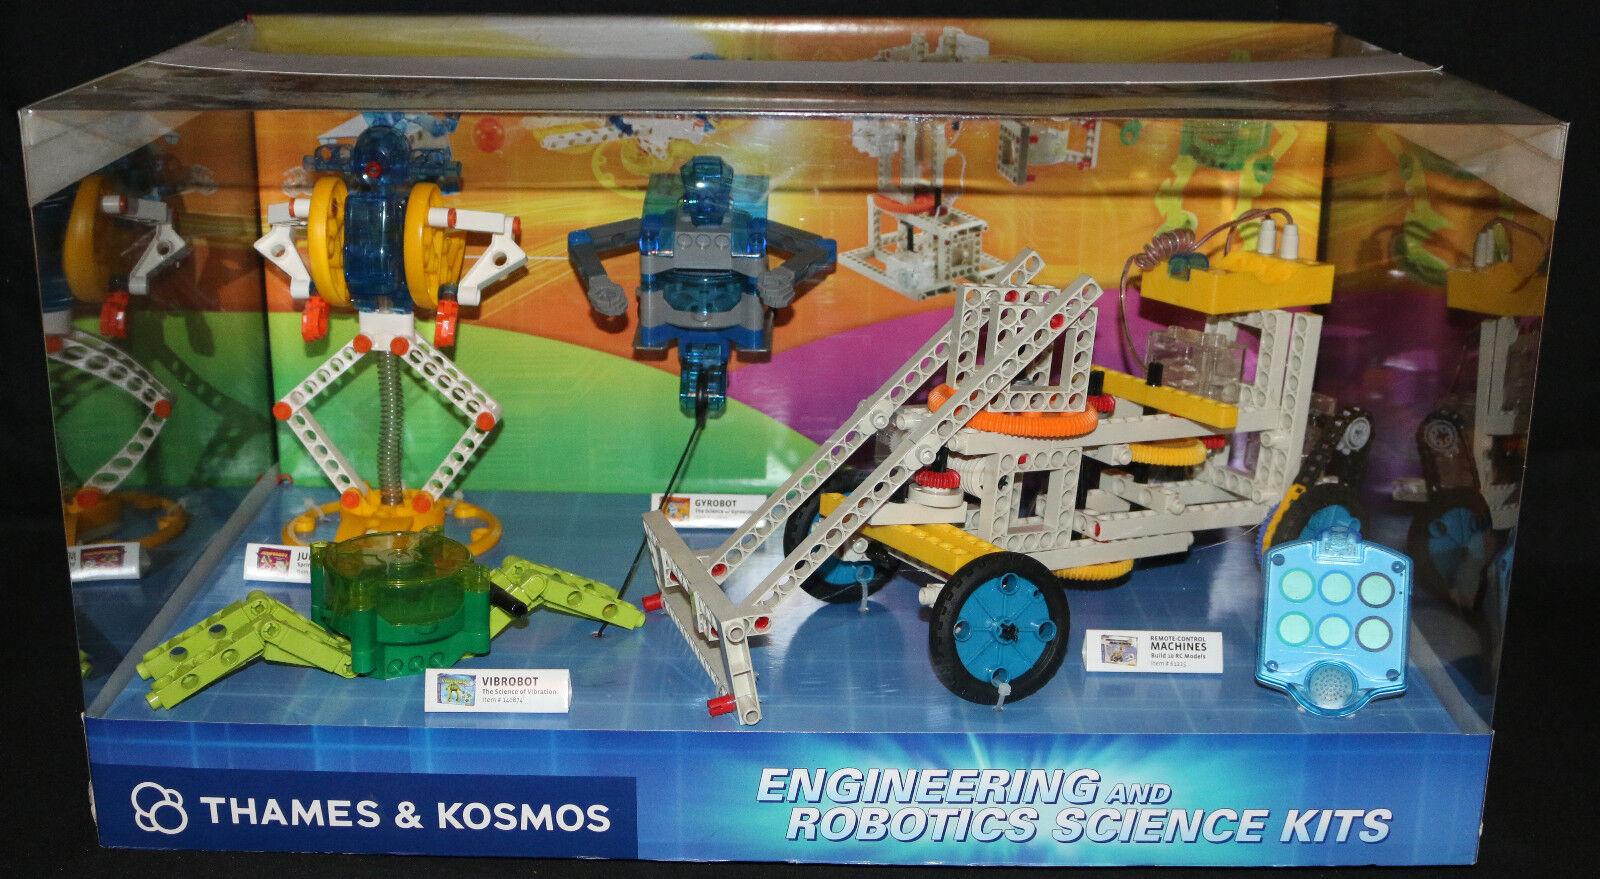 Engineering and Robotics Science Kits by Thames & Kosmos Display Box